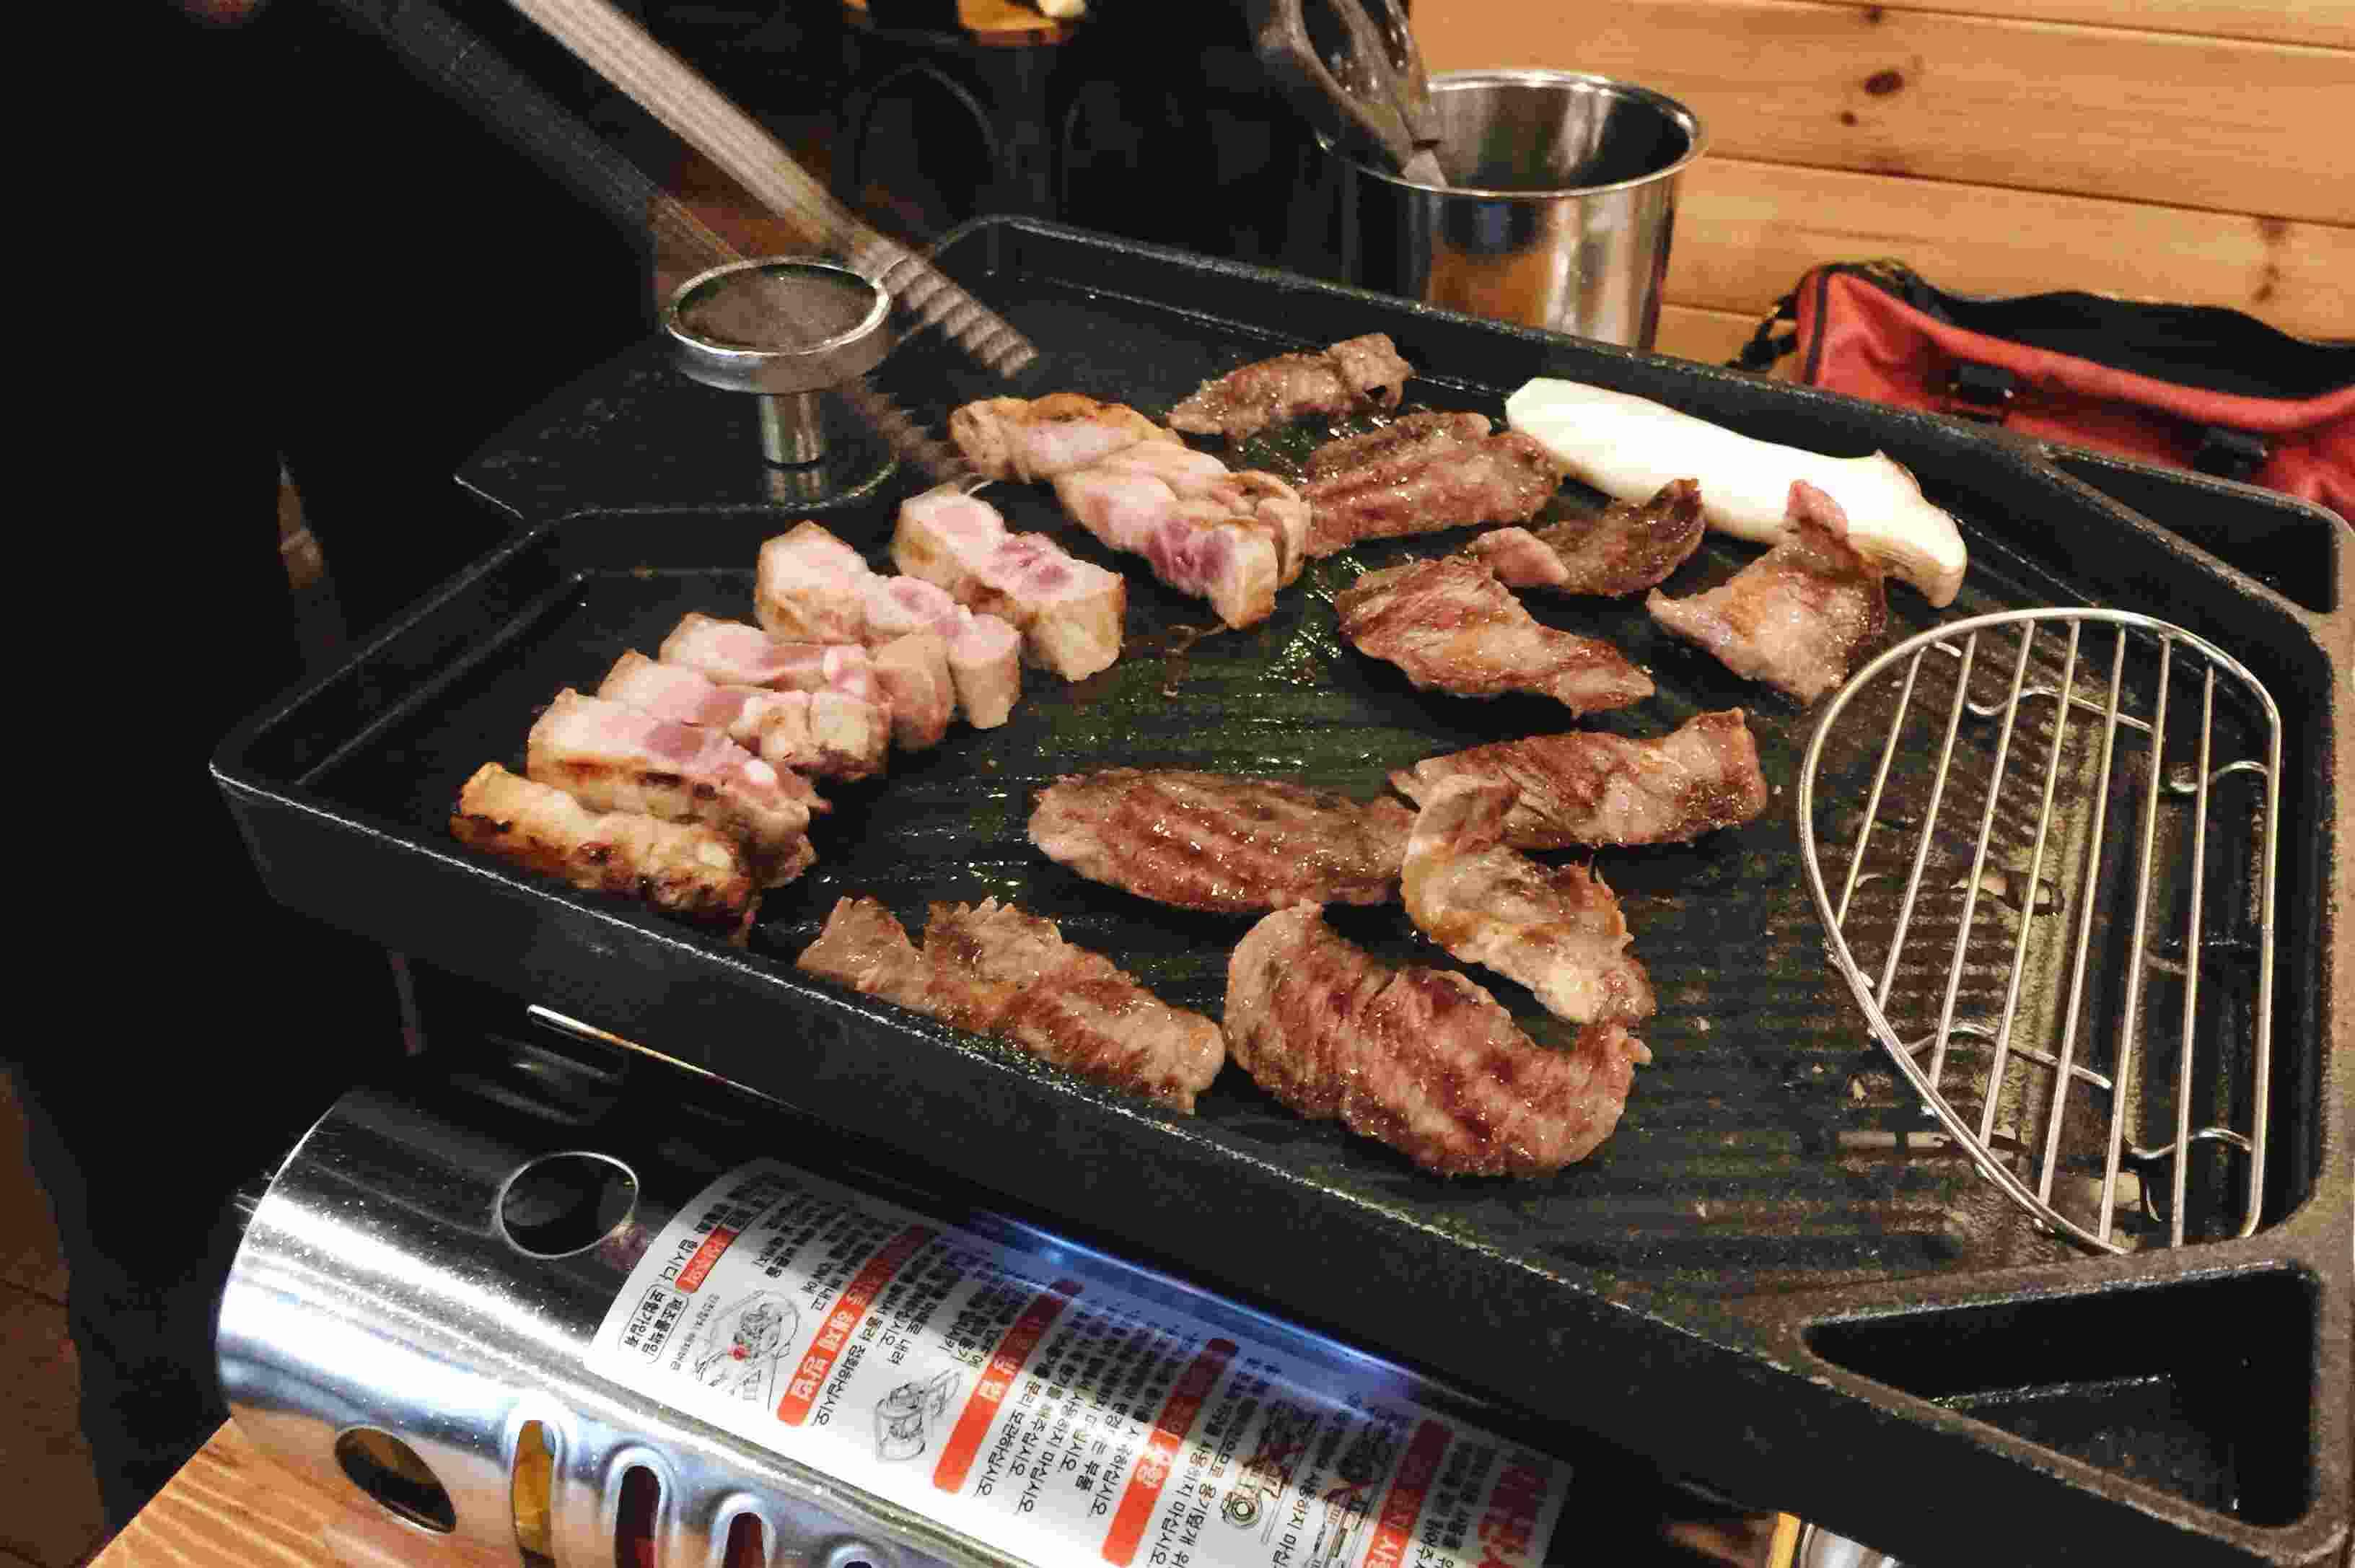 差不多快烤好了,右排是牛肉左排是五花肉,聞起來好香喔!~